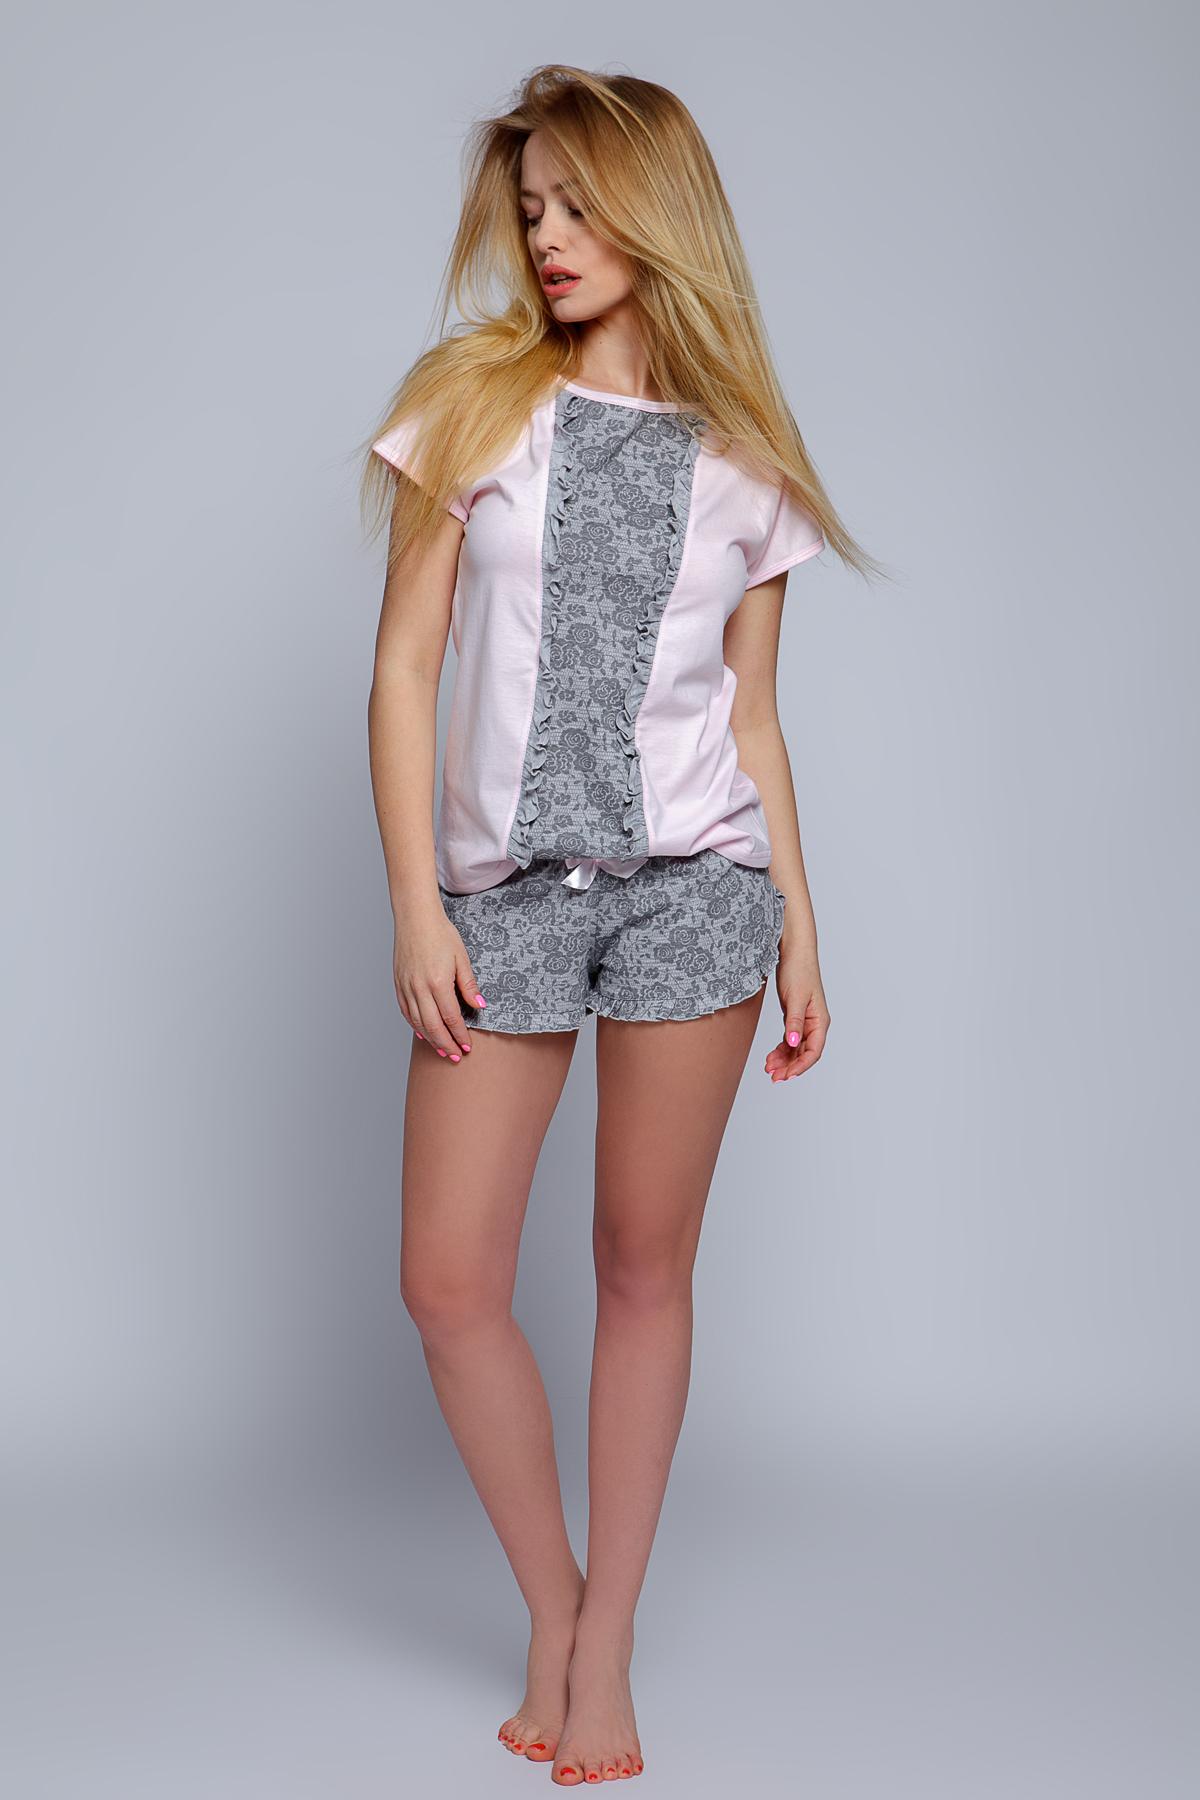 Lunaby - piżamy jak ze snu. Luksusowe piżamy damskie, szyte w Polsce.